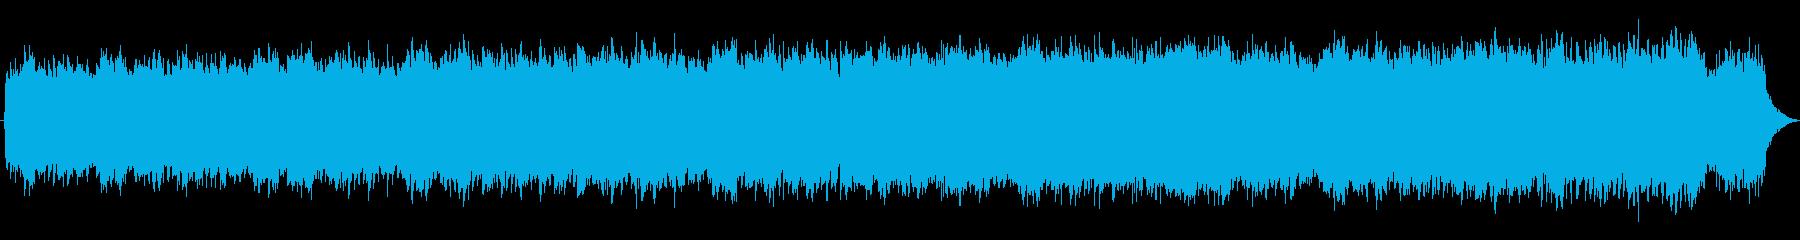 幻想的・神秘的・水族館・プラネタリウムの再生済みの波形